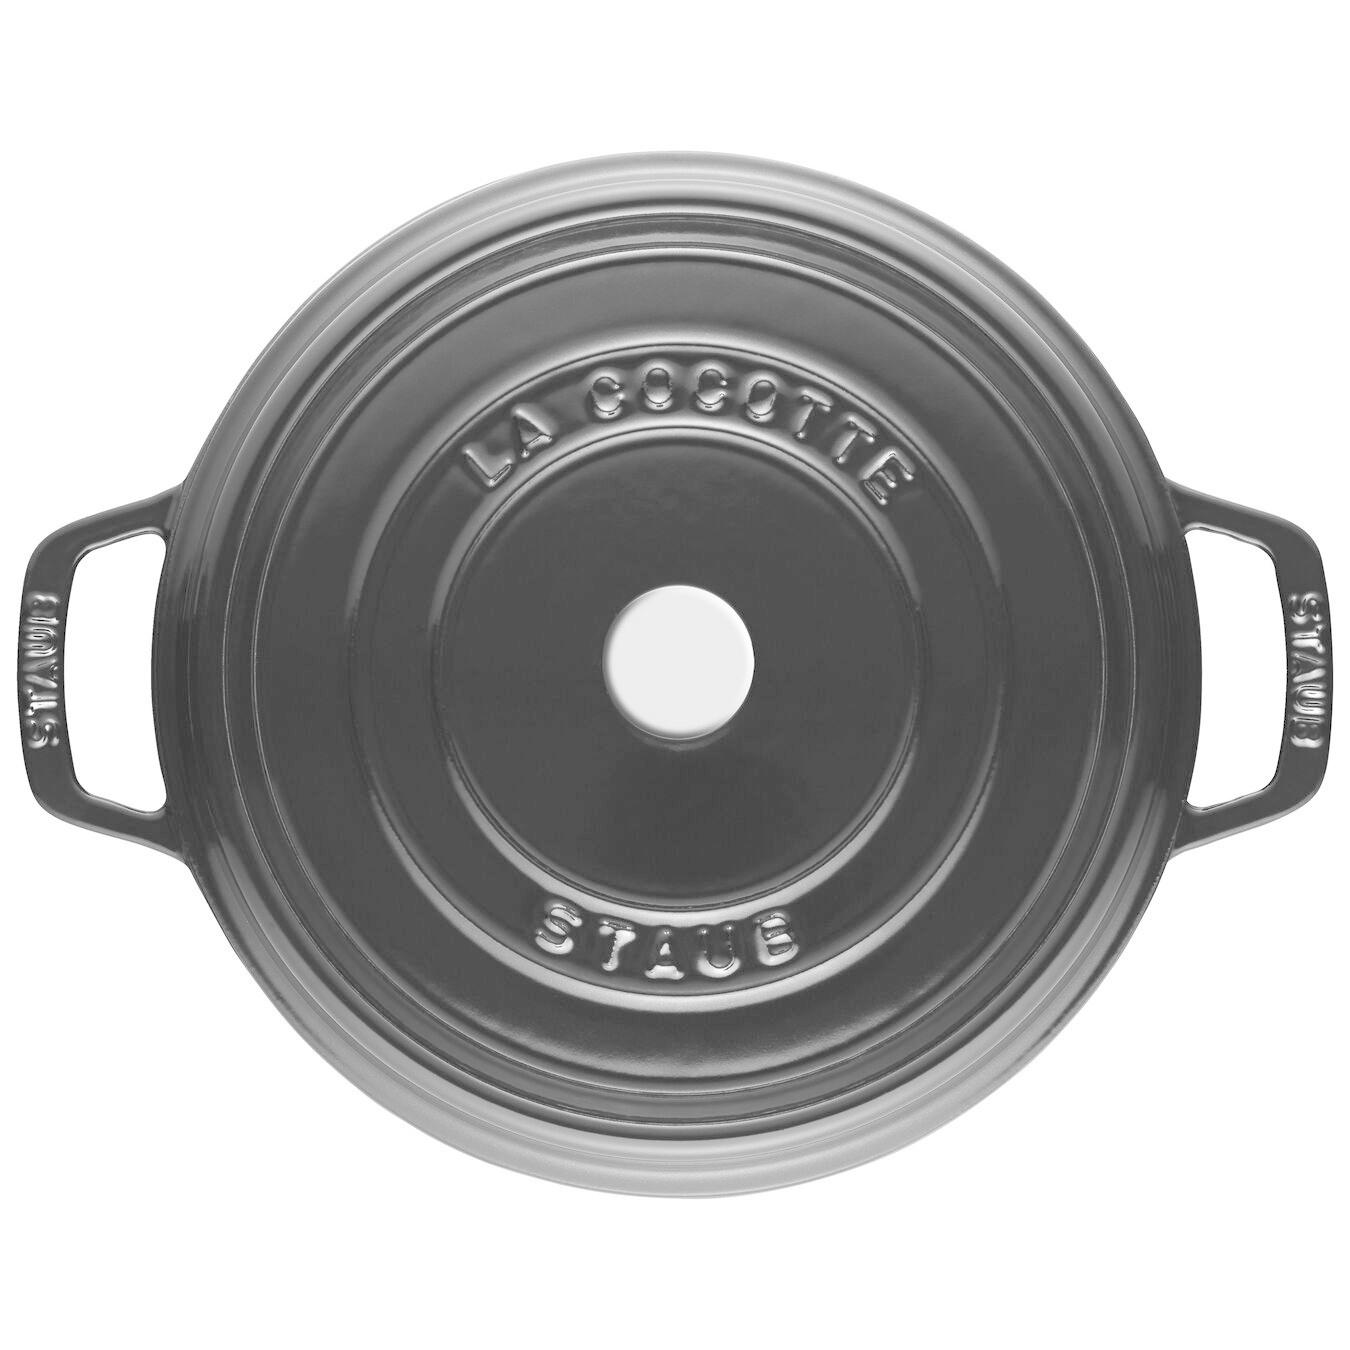 Staub 3.8L / 4qt Cast Iron Round Cocotte - Shiny Black